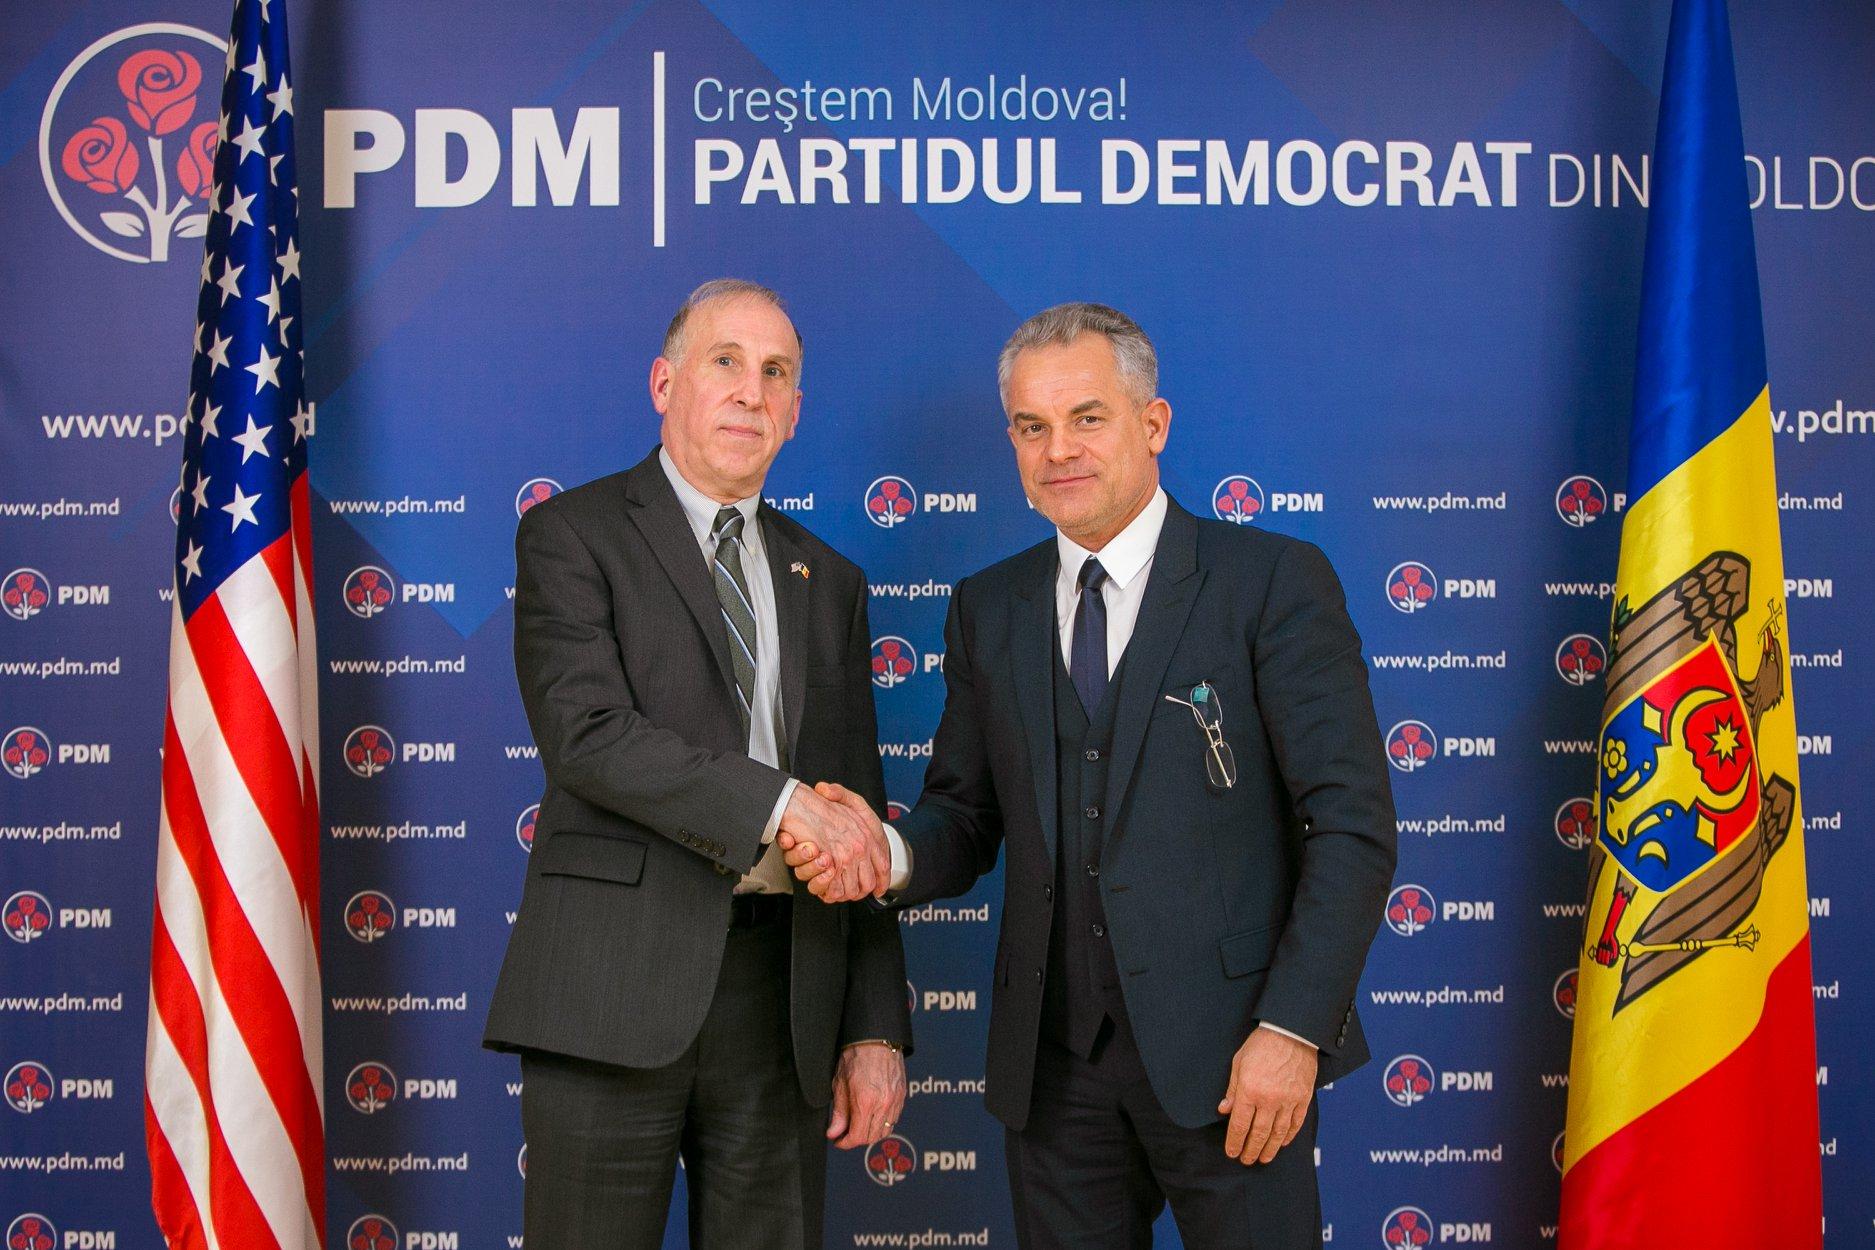 james pettit vlad plahotniuc, preşedintele PDM, în dialog continuu cu ambasadorul Statelor Unite ale Americii